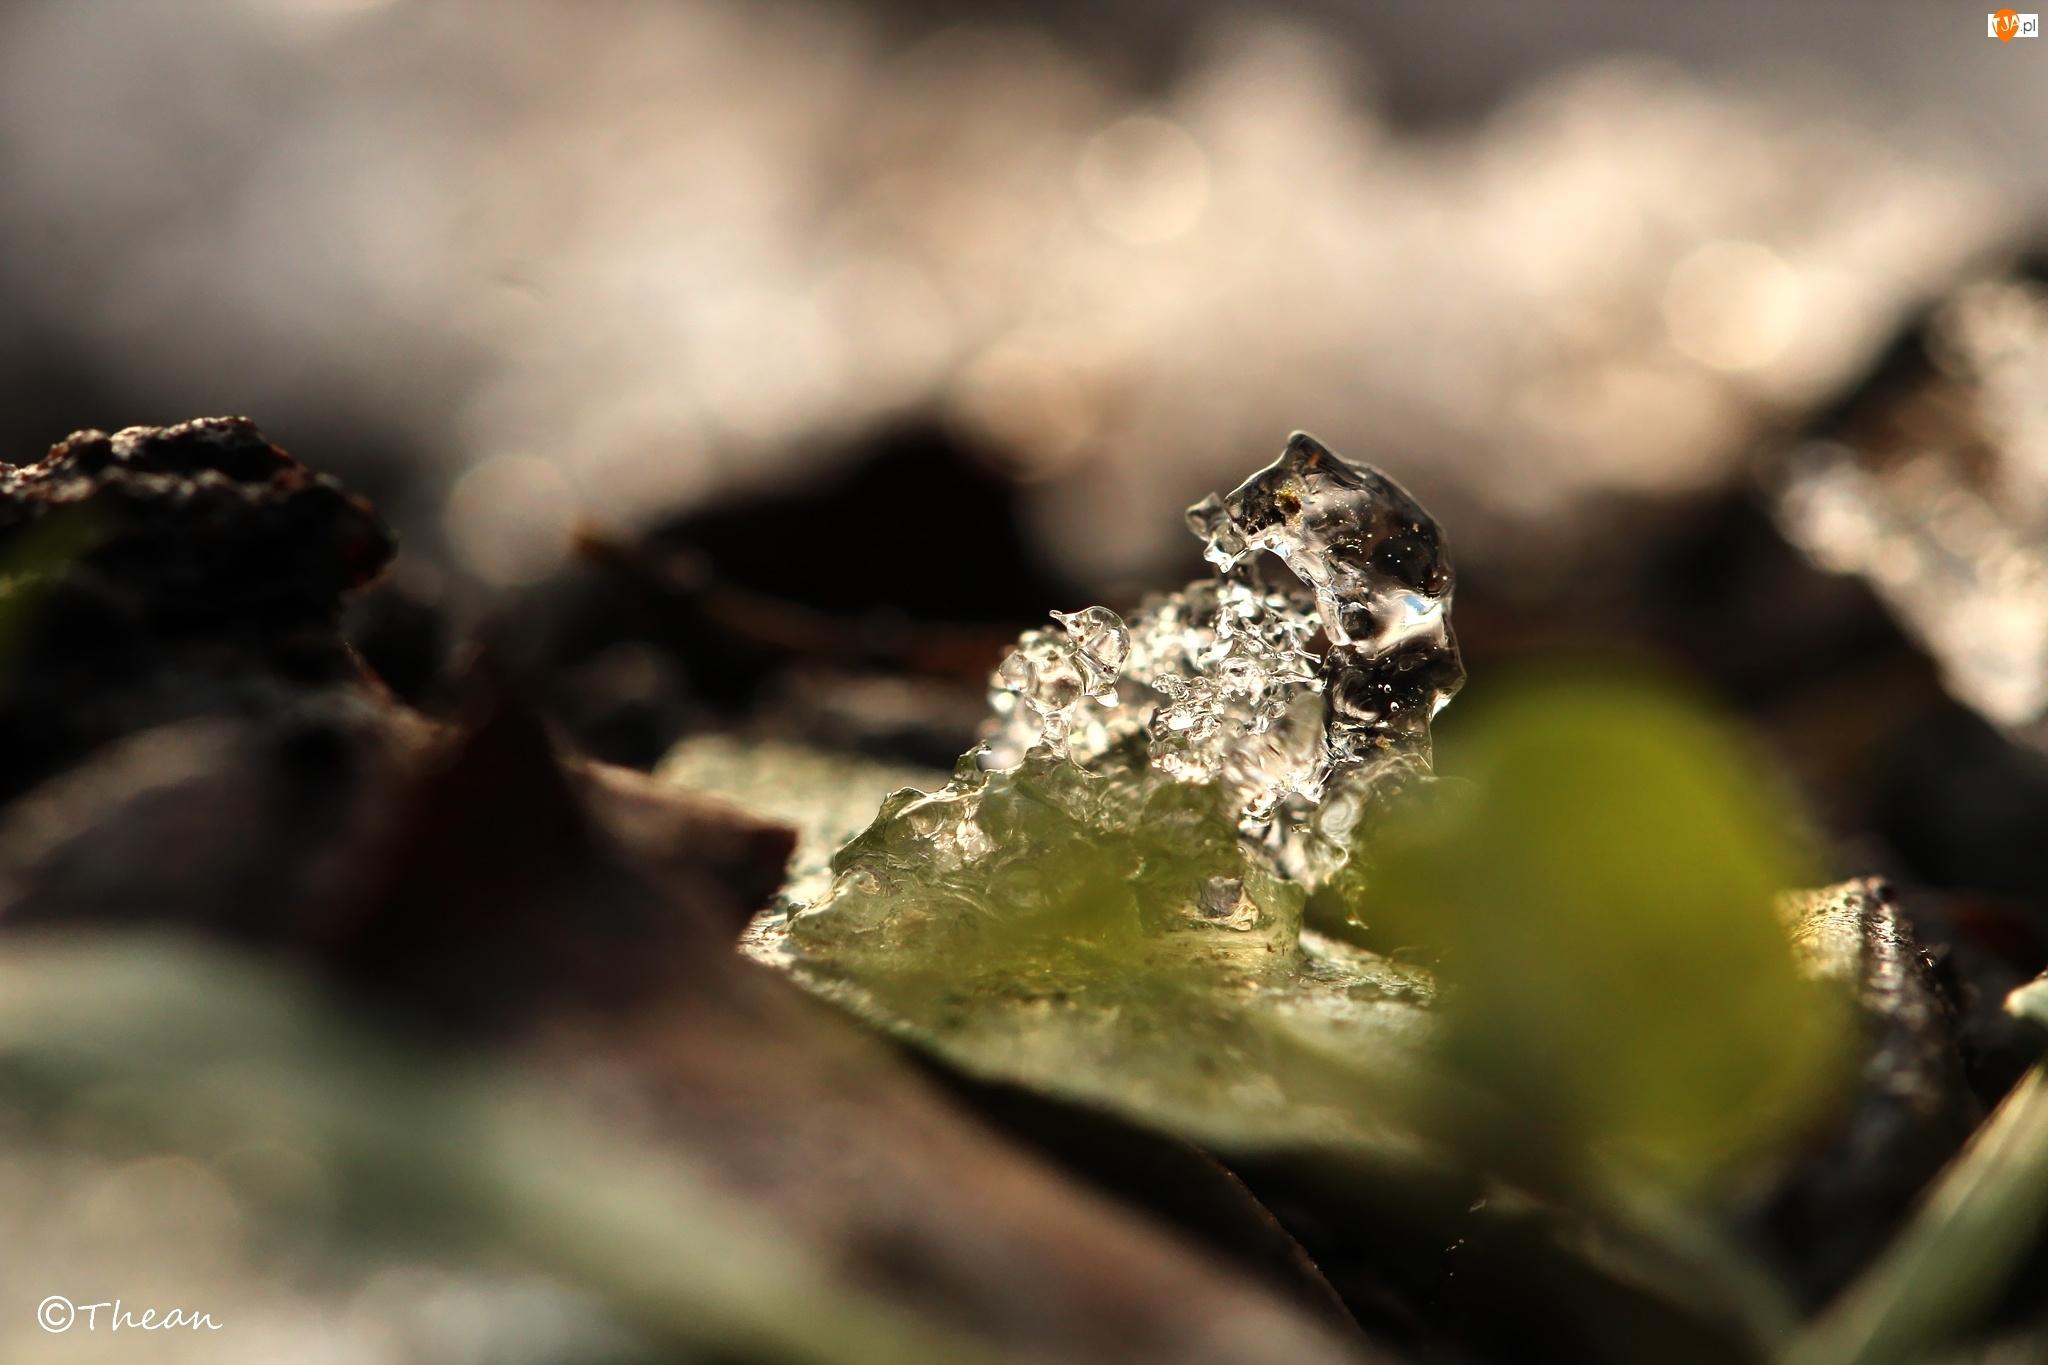 Śniegu, Topniejąca, Grudka